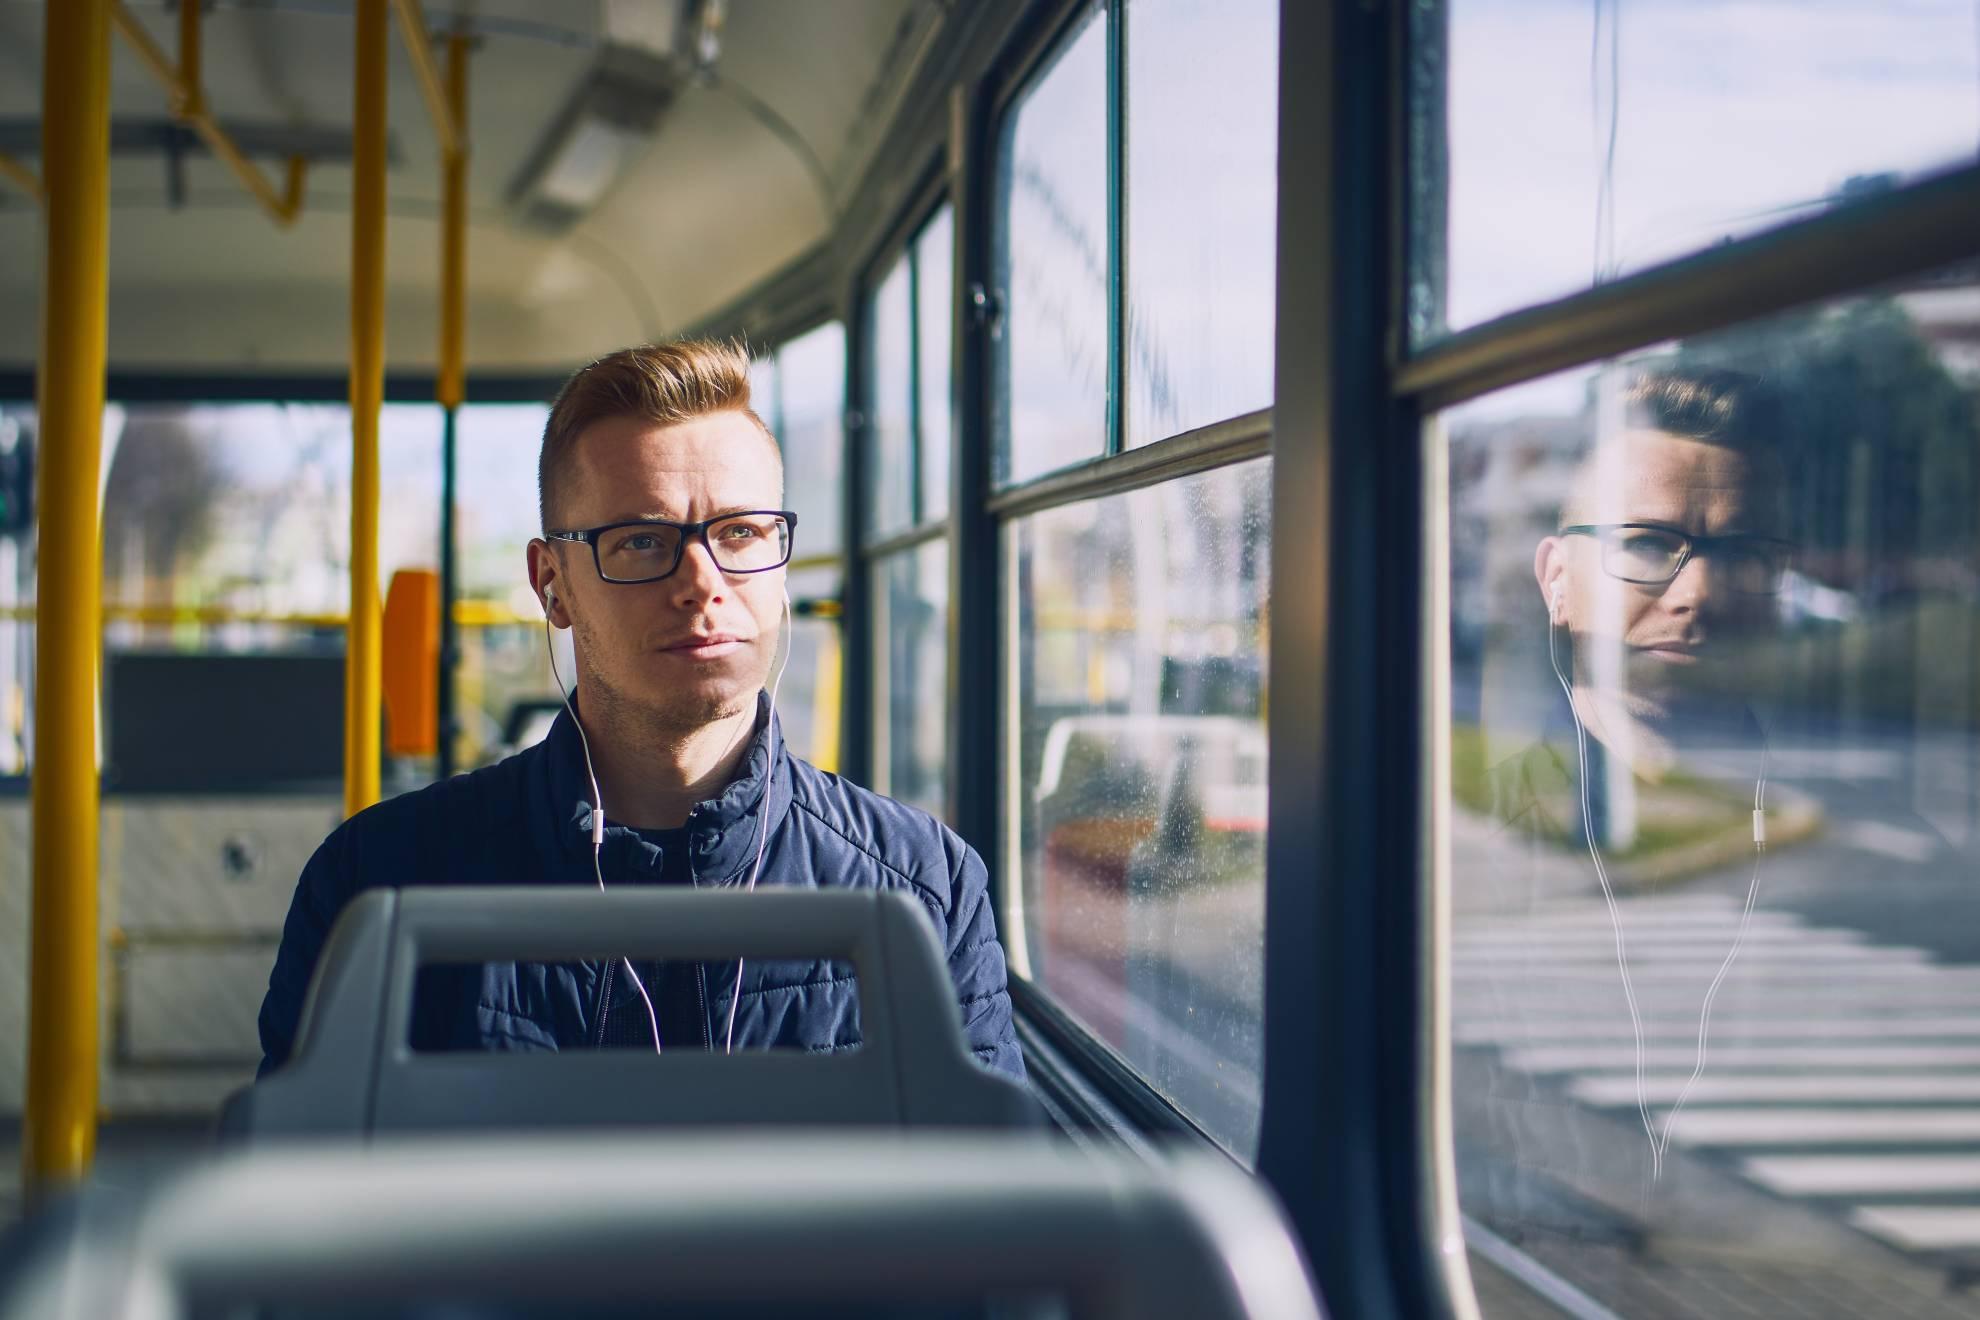 travel-by-public-transportation-5D4EZ7U (1)